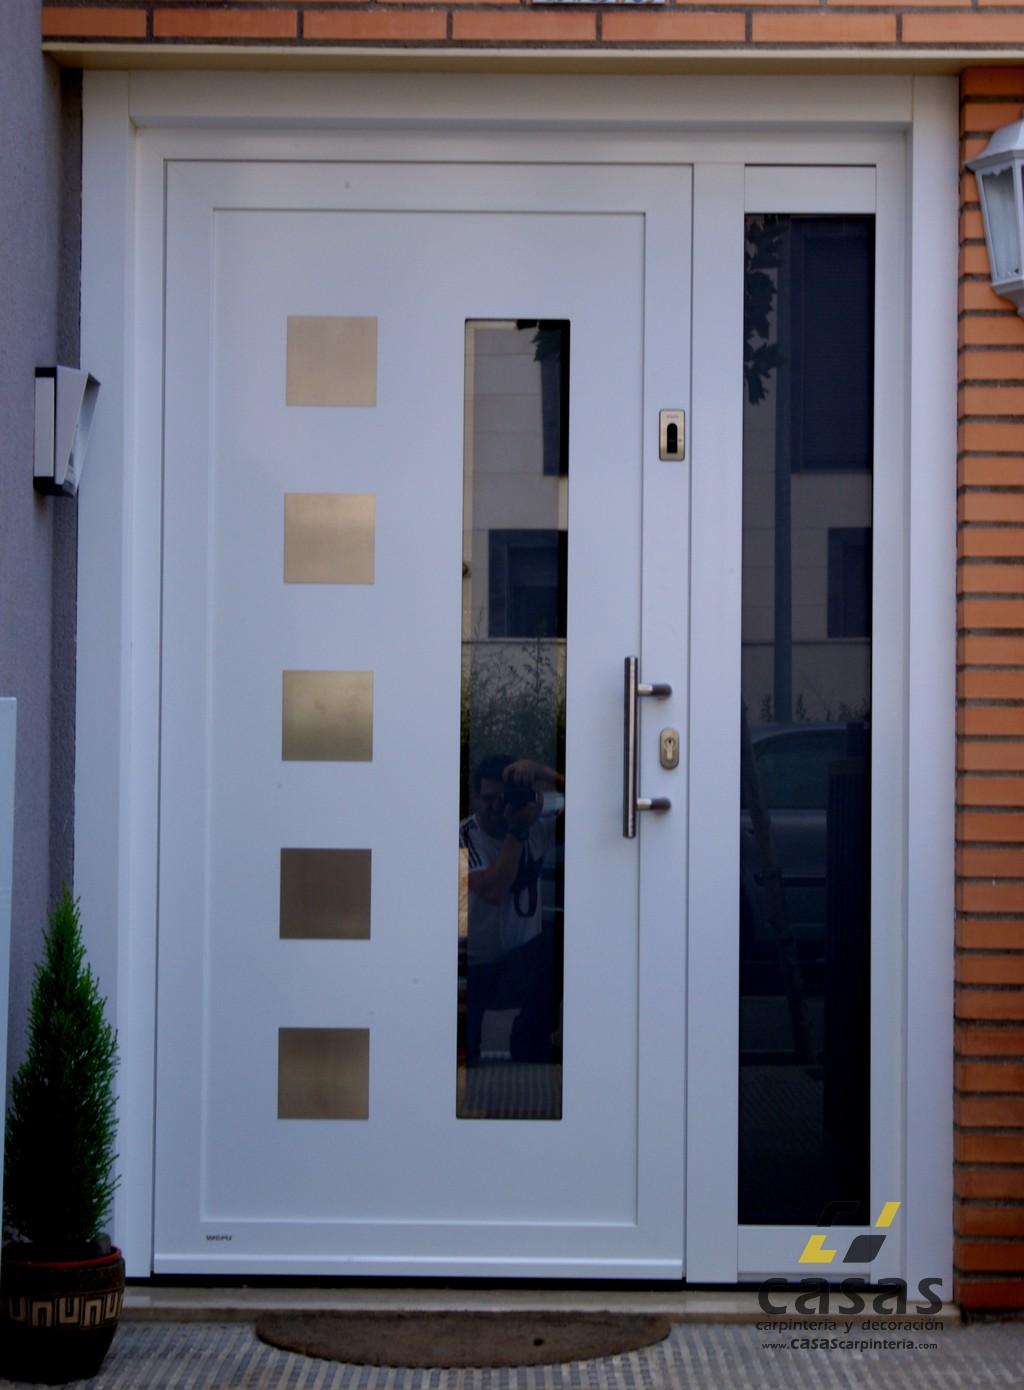 Puertas de entrada weru casas carpinter a y decoraci n for Puertas de aluminio para entrada